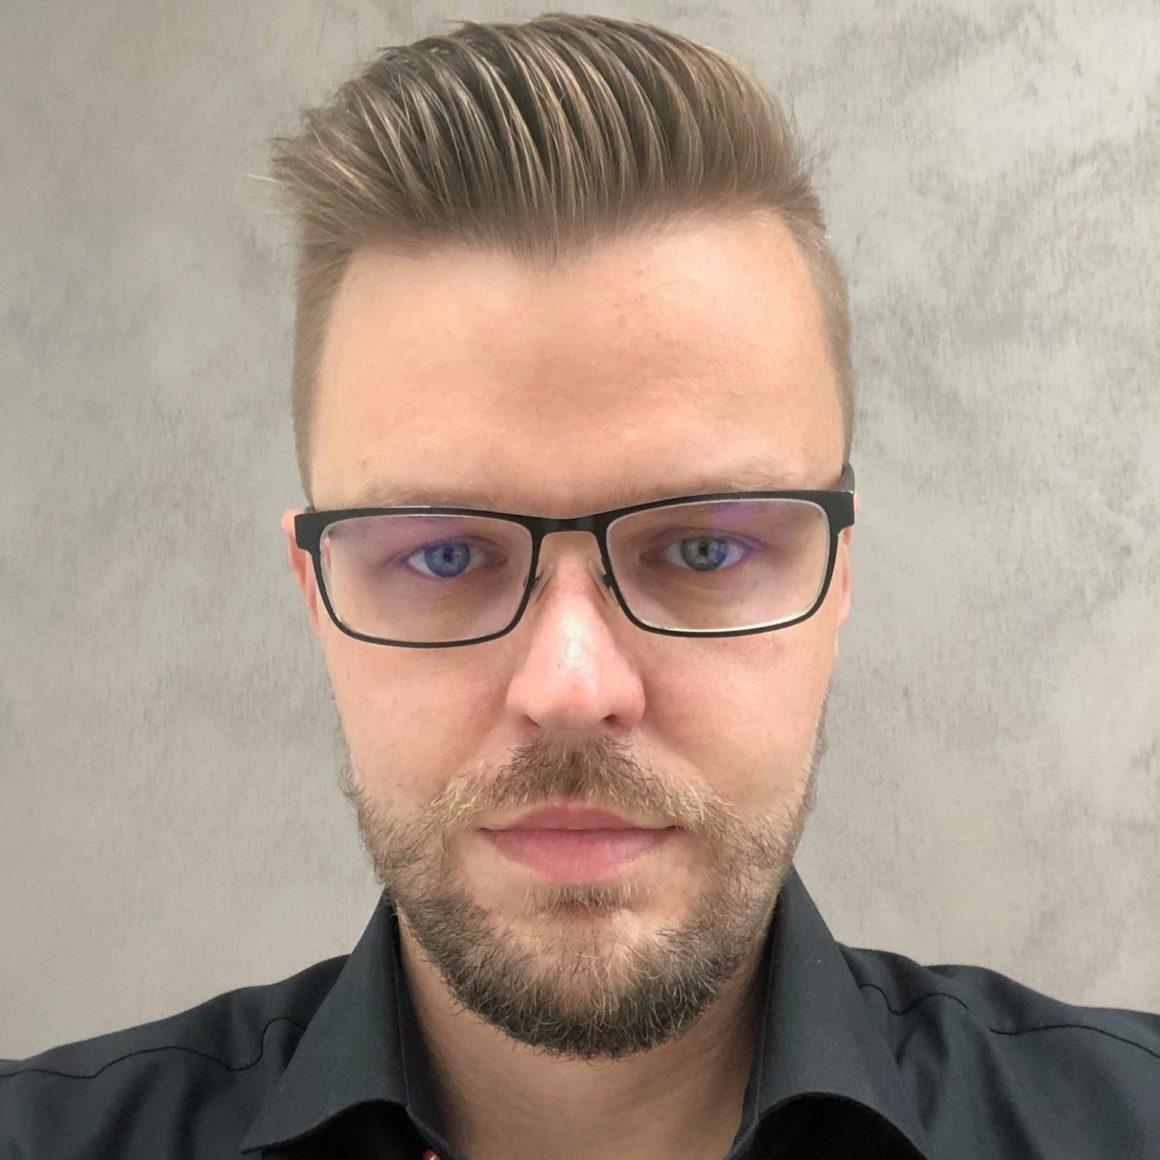 Rozhovor s Martinem Krytinářem pro slatinský zpravodaj